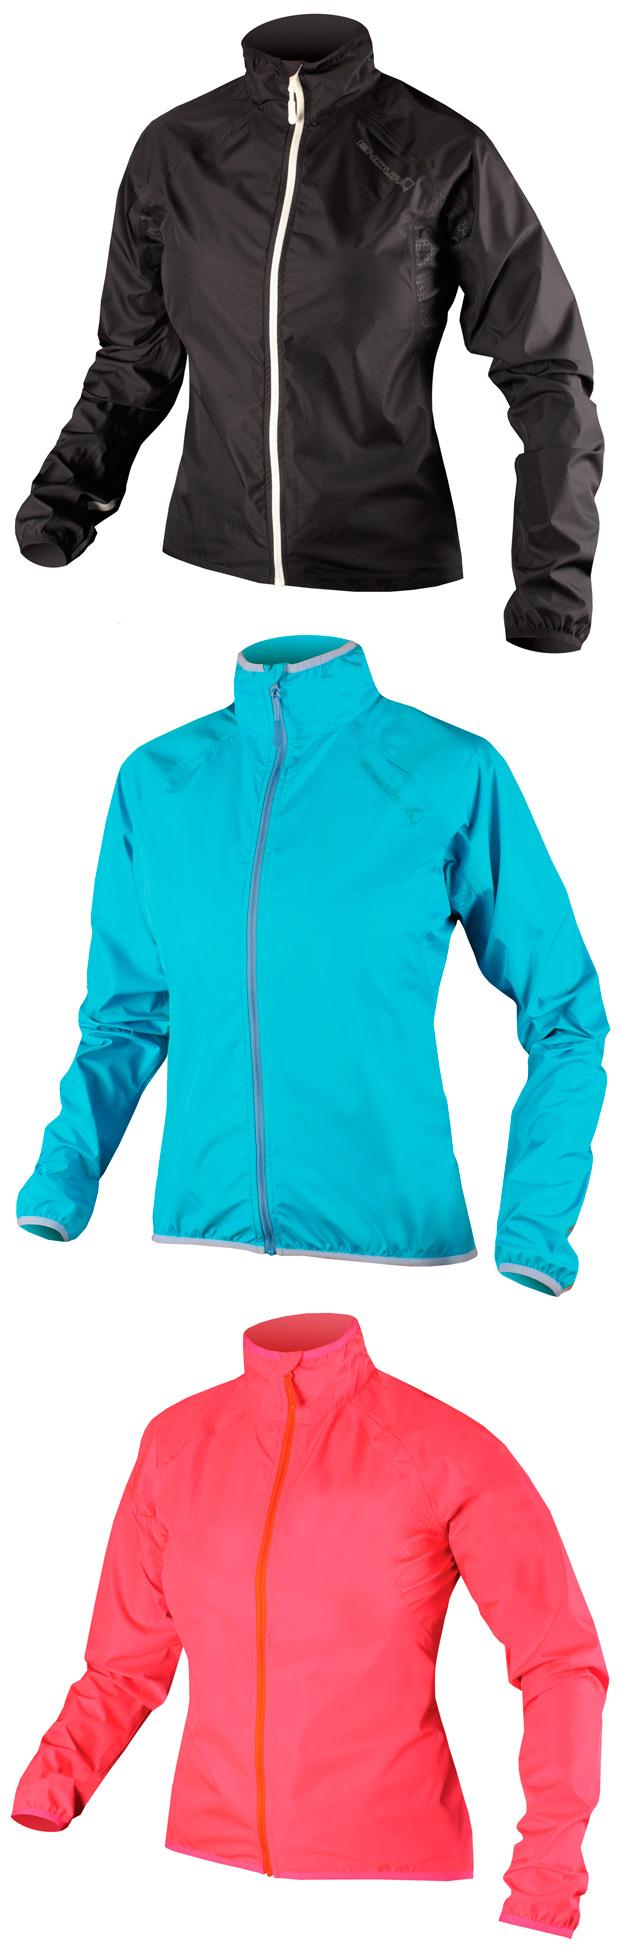 Endura Xtract: Una chaqueta ligera y compacta para nuestras salidas en bicicleta